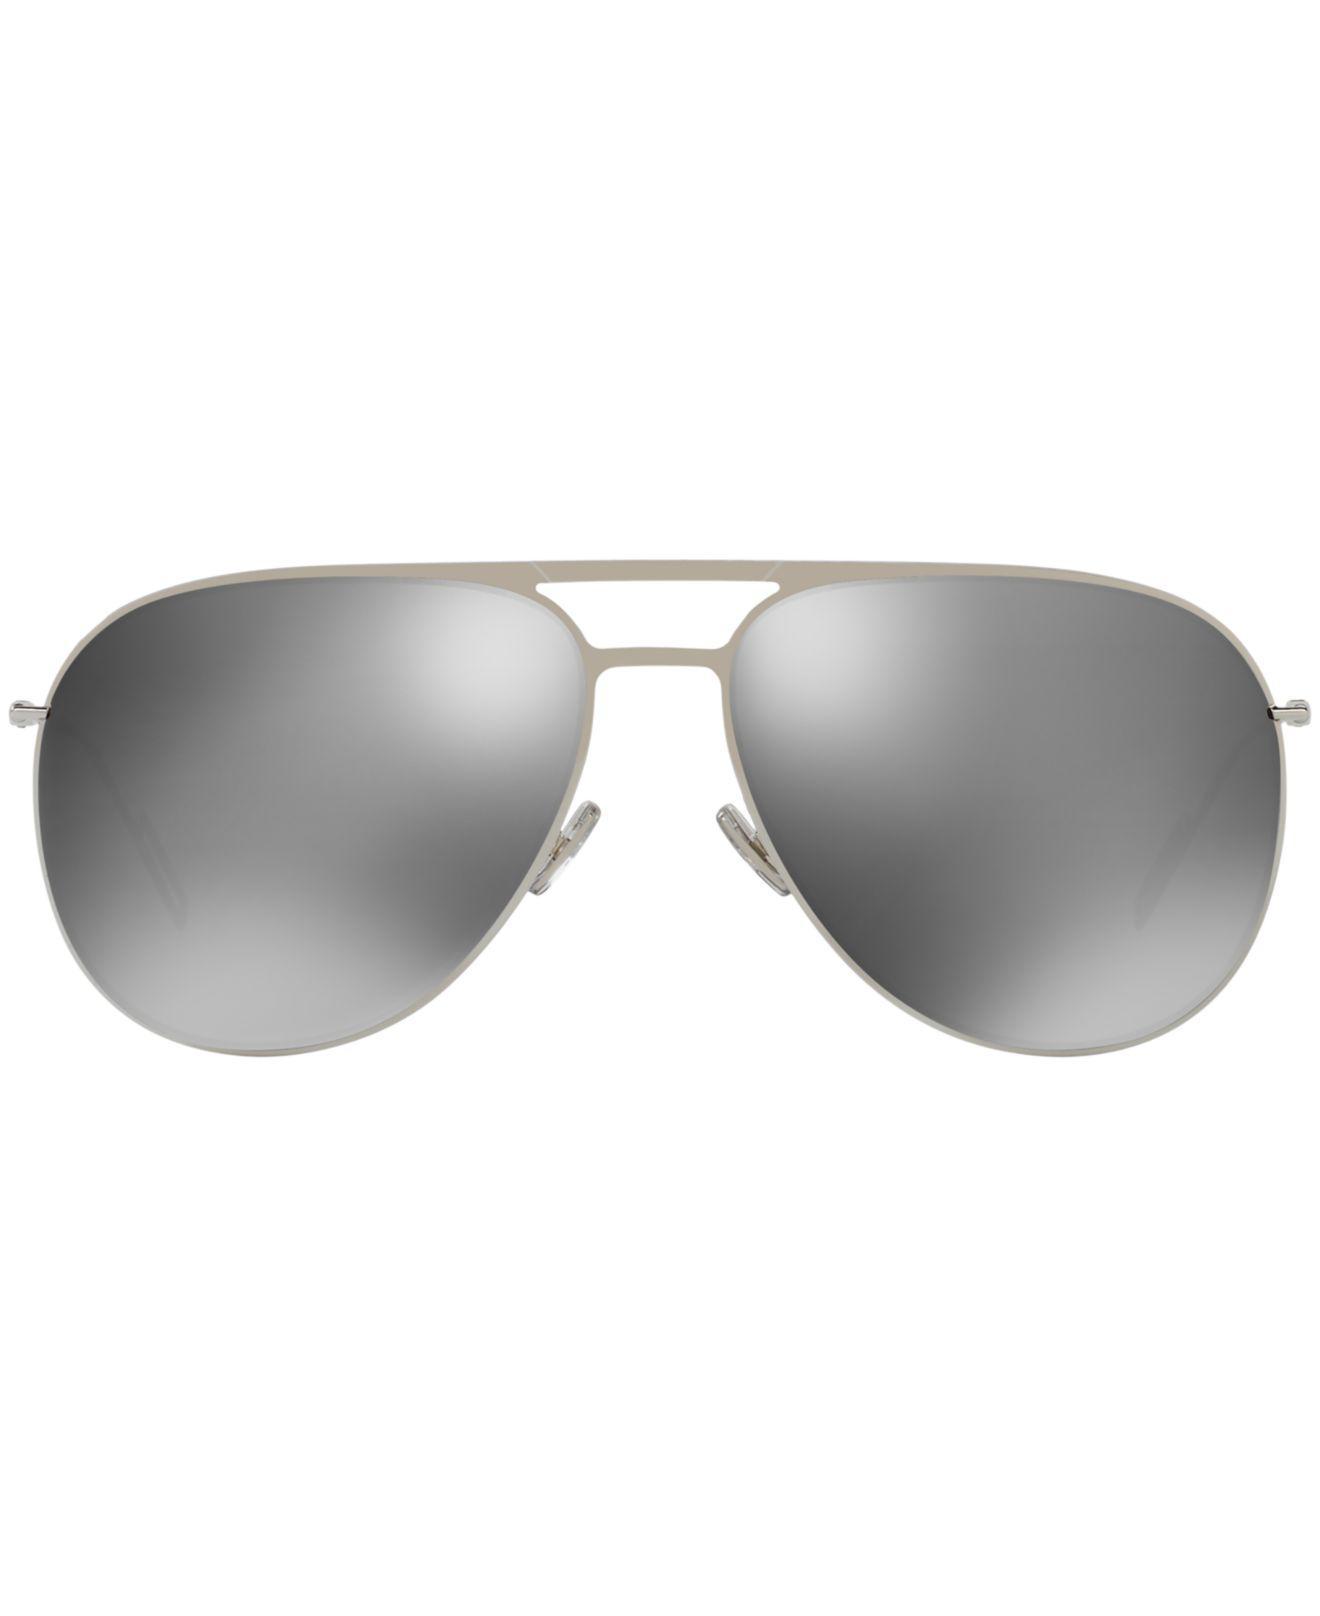 7ac9cf630686c Dior Homme Sunglasses